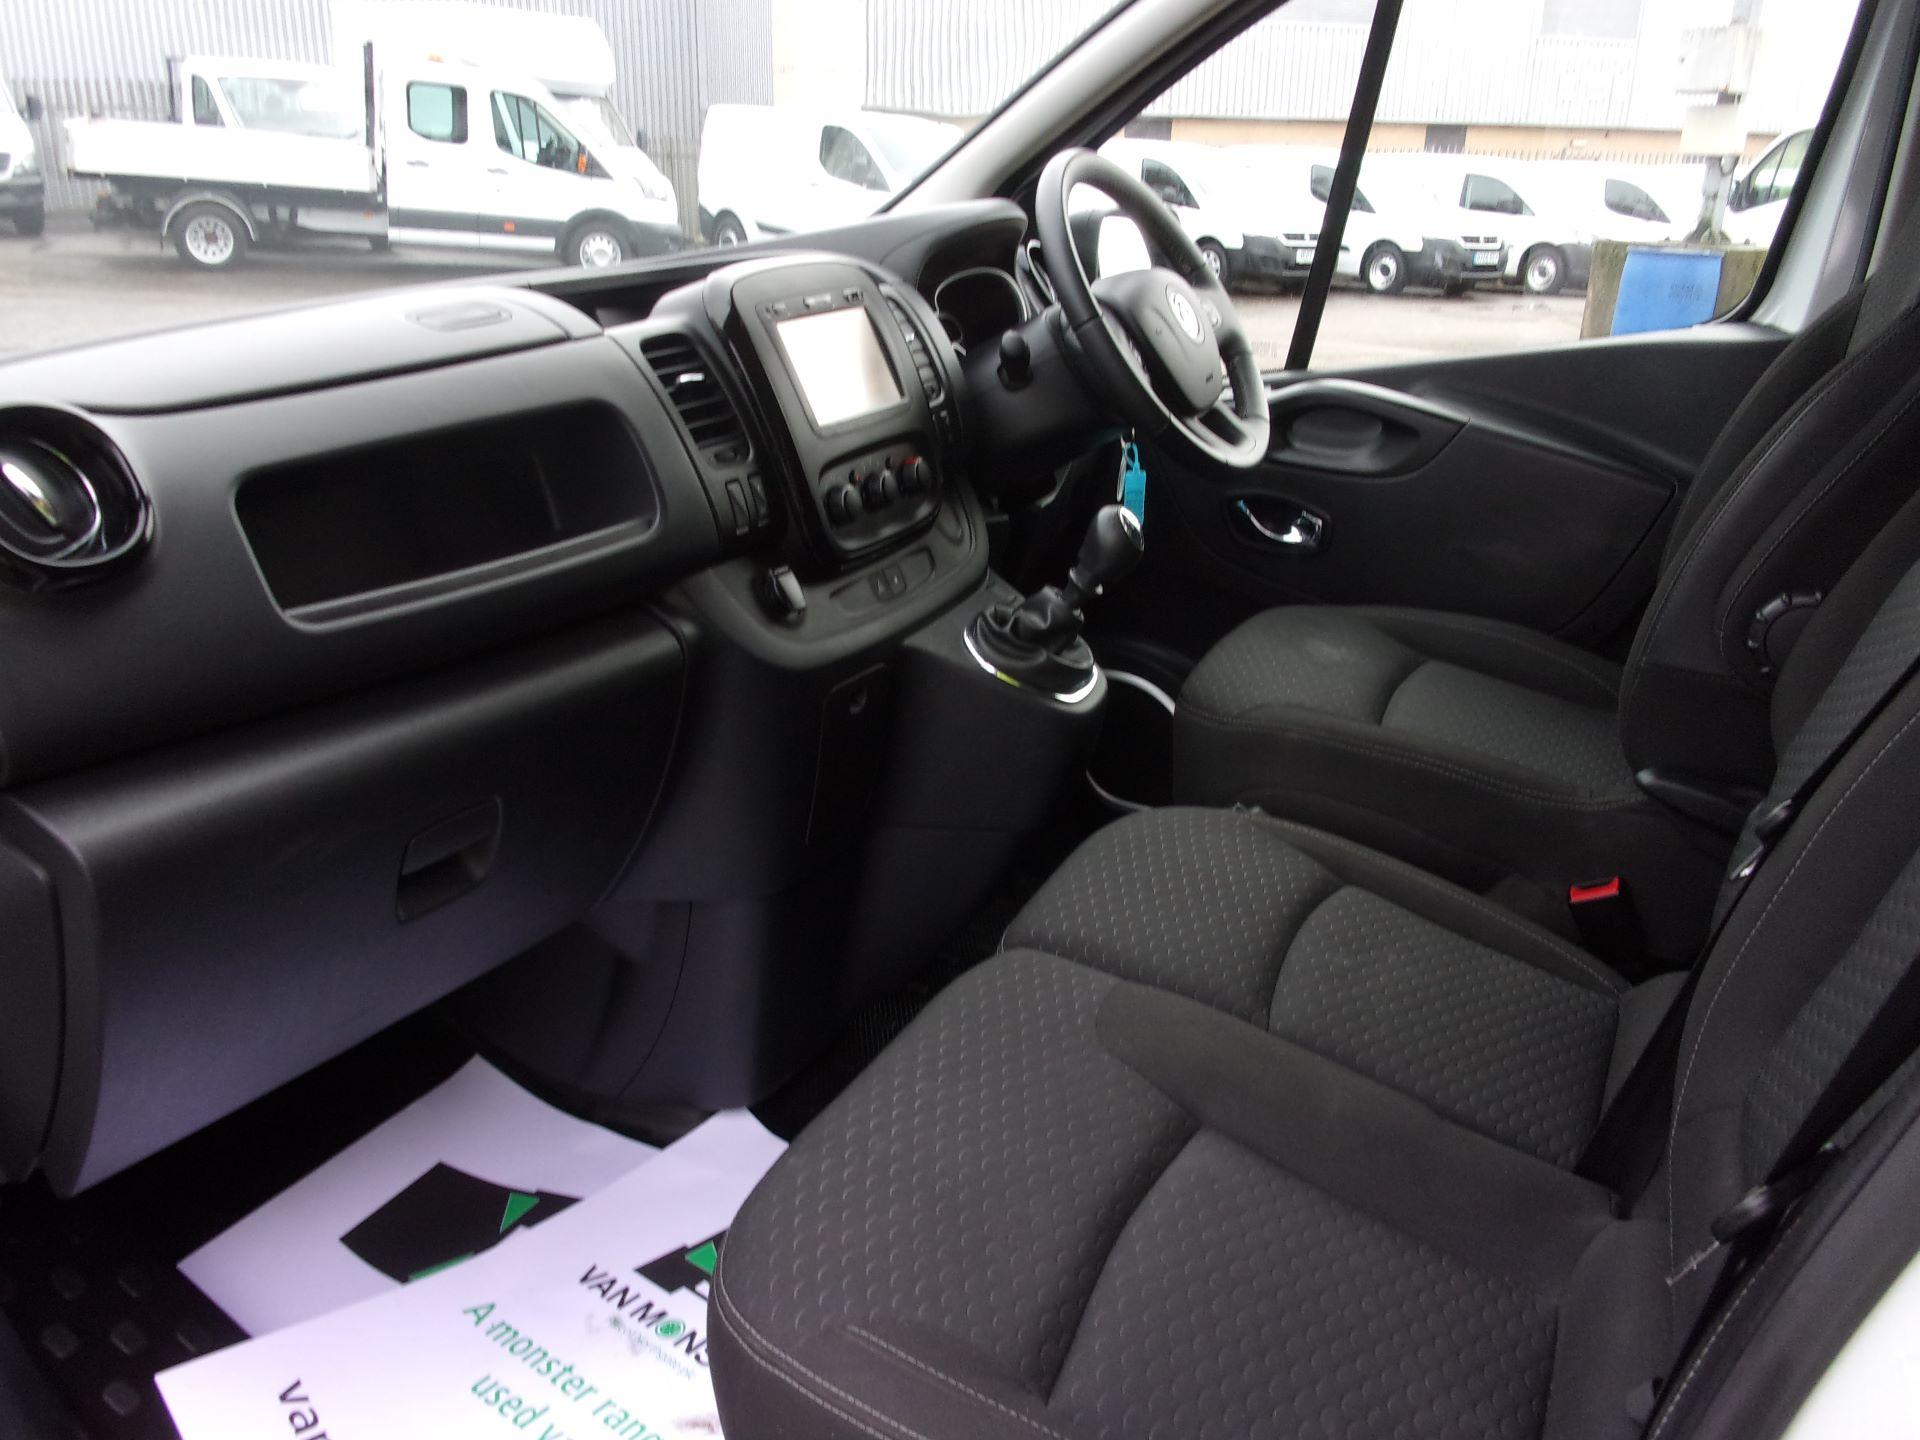 2018 Vauxhall Vivaro L1 H1 2900 1.6 CDTI 120PS SPORTIVE VAN EURO 6 (DY68YYE) Image 16